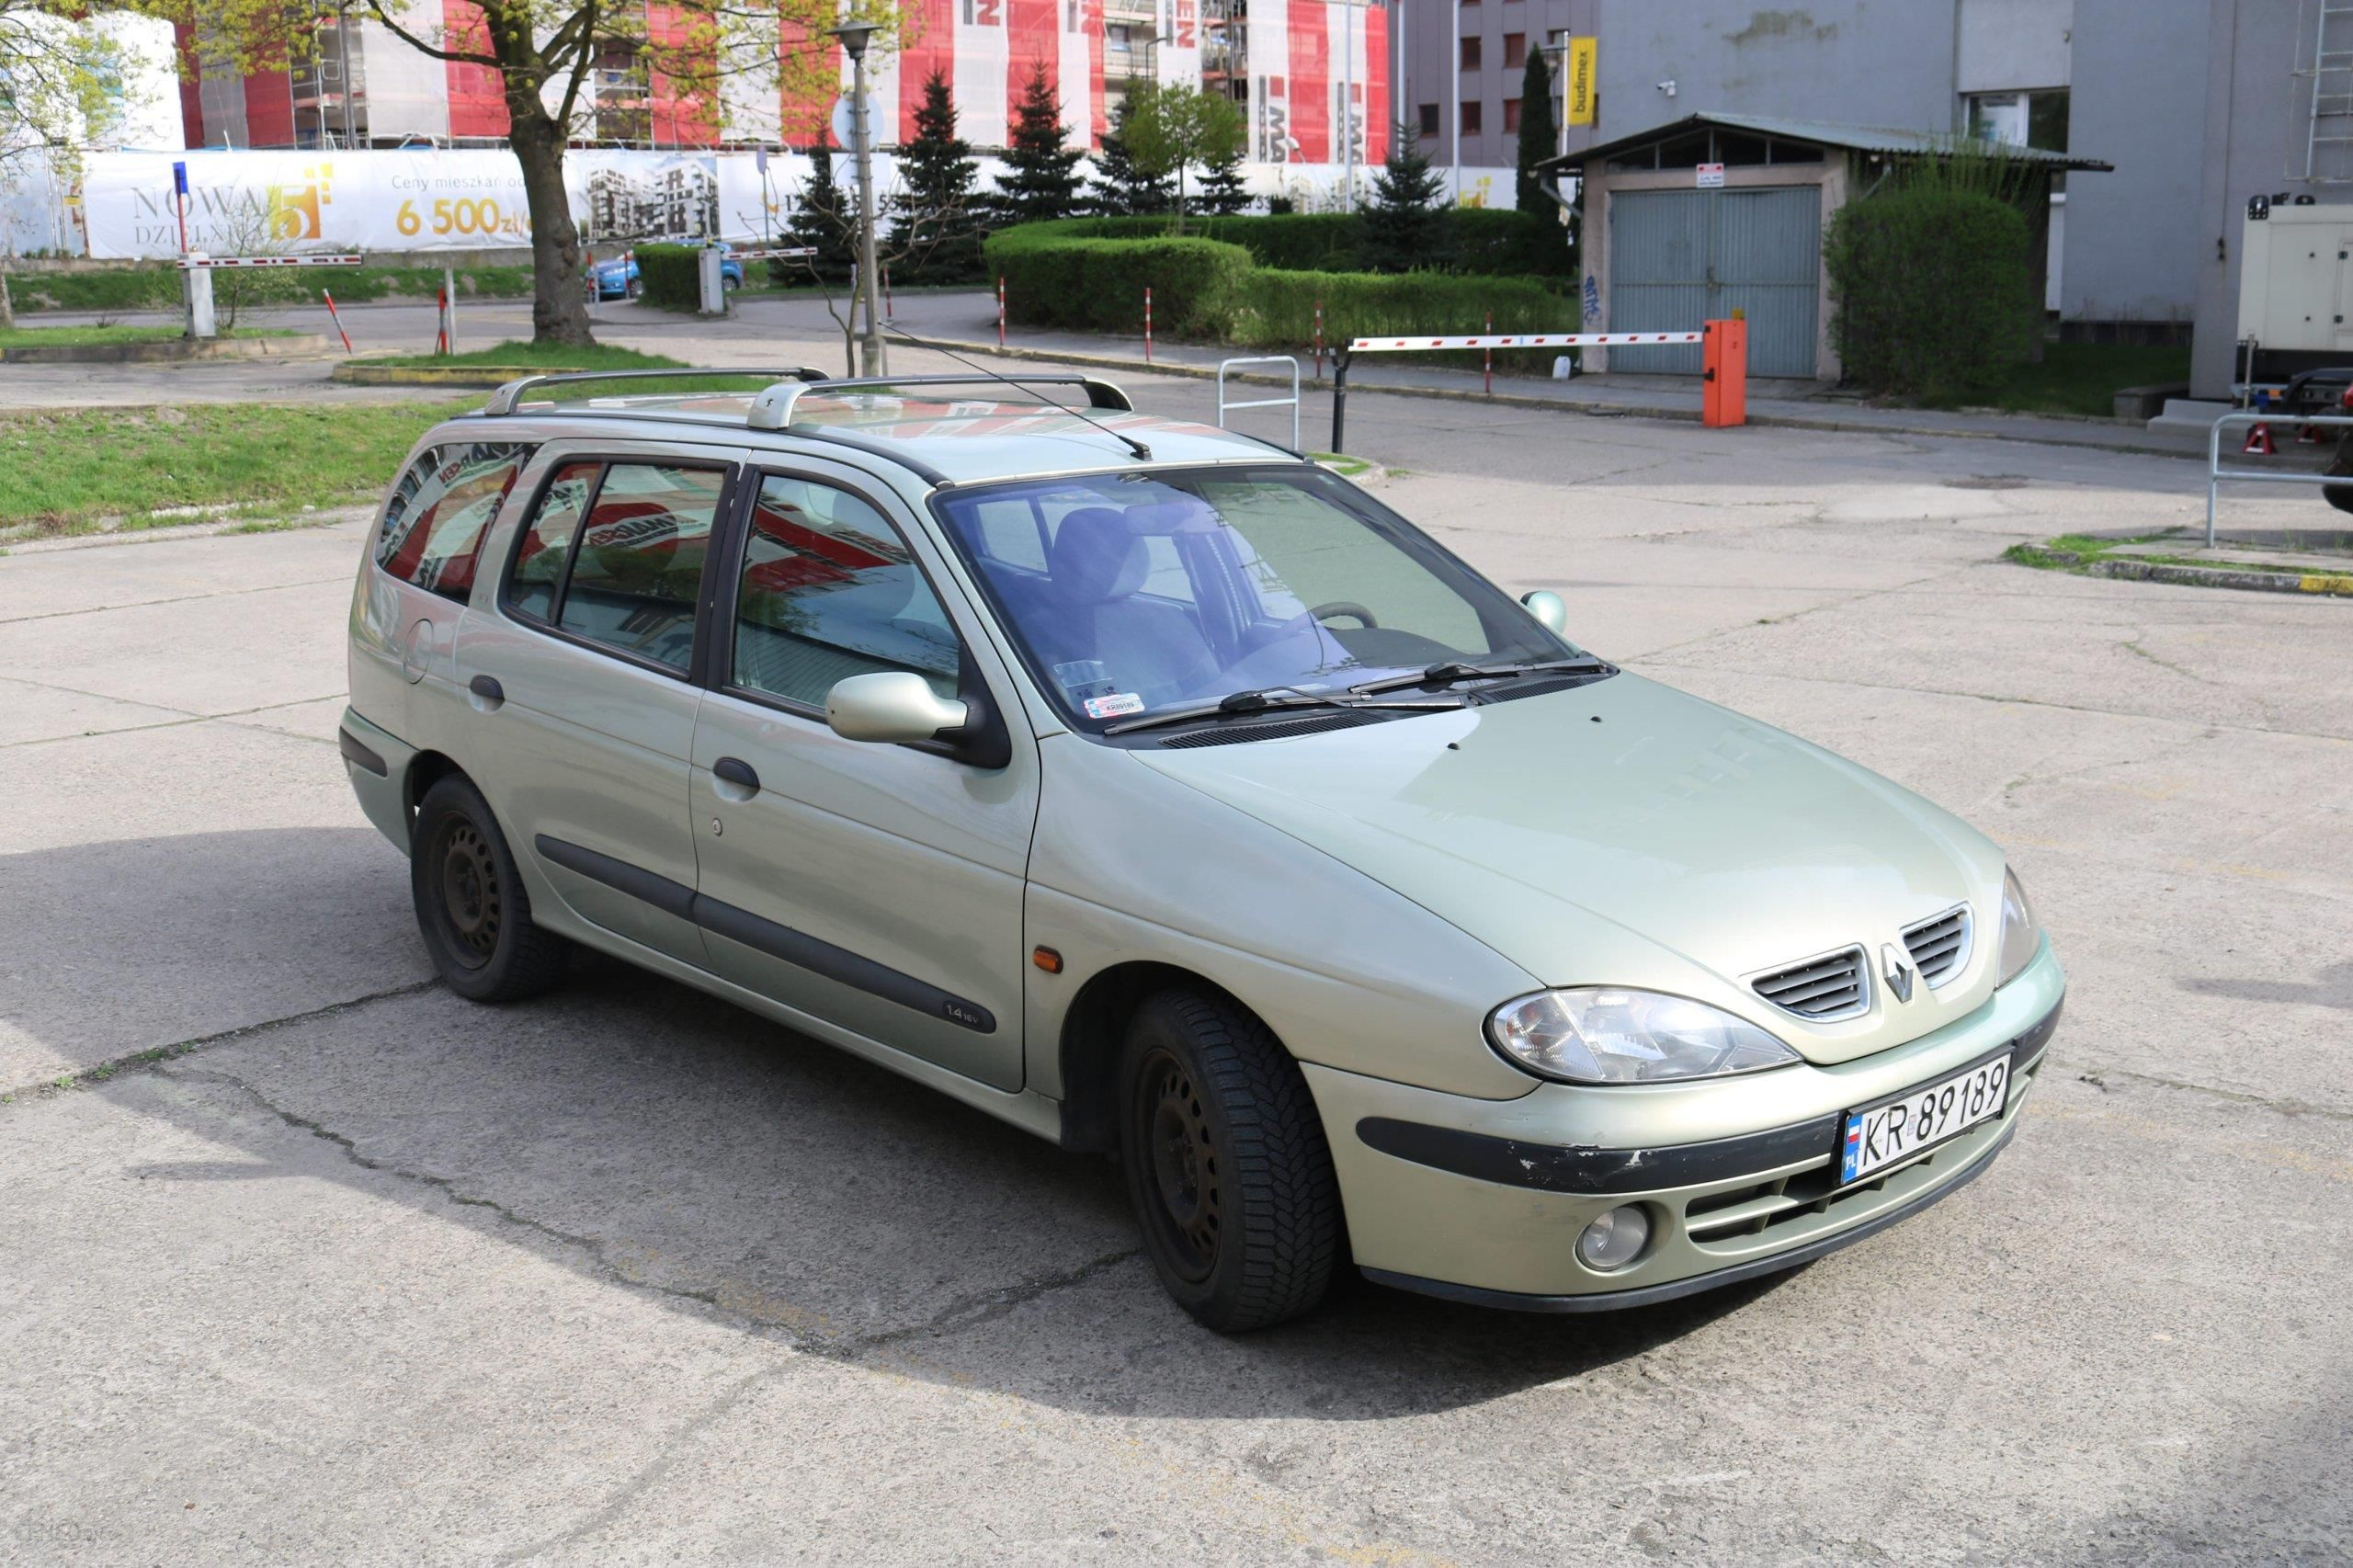 Niesamowite Renault Megane I 2001 benzyna 95KM kombi - Opinie i ceny na Ceneo.pl CA37